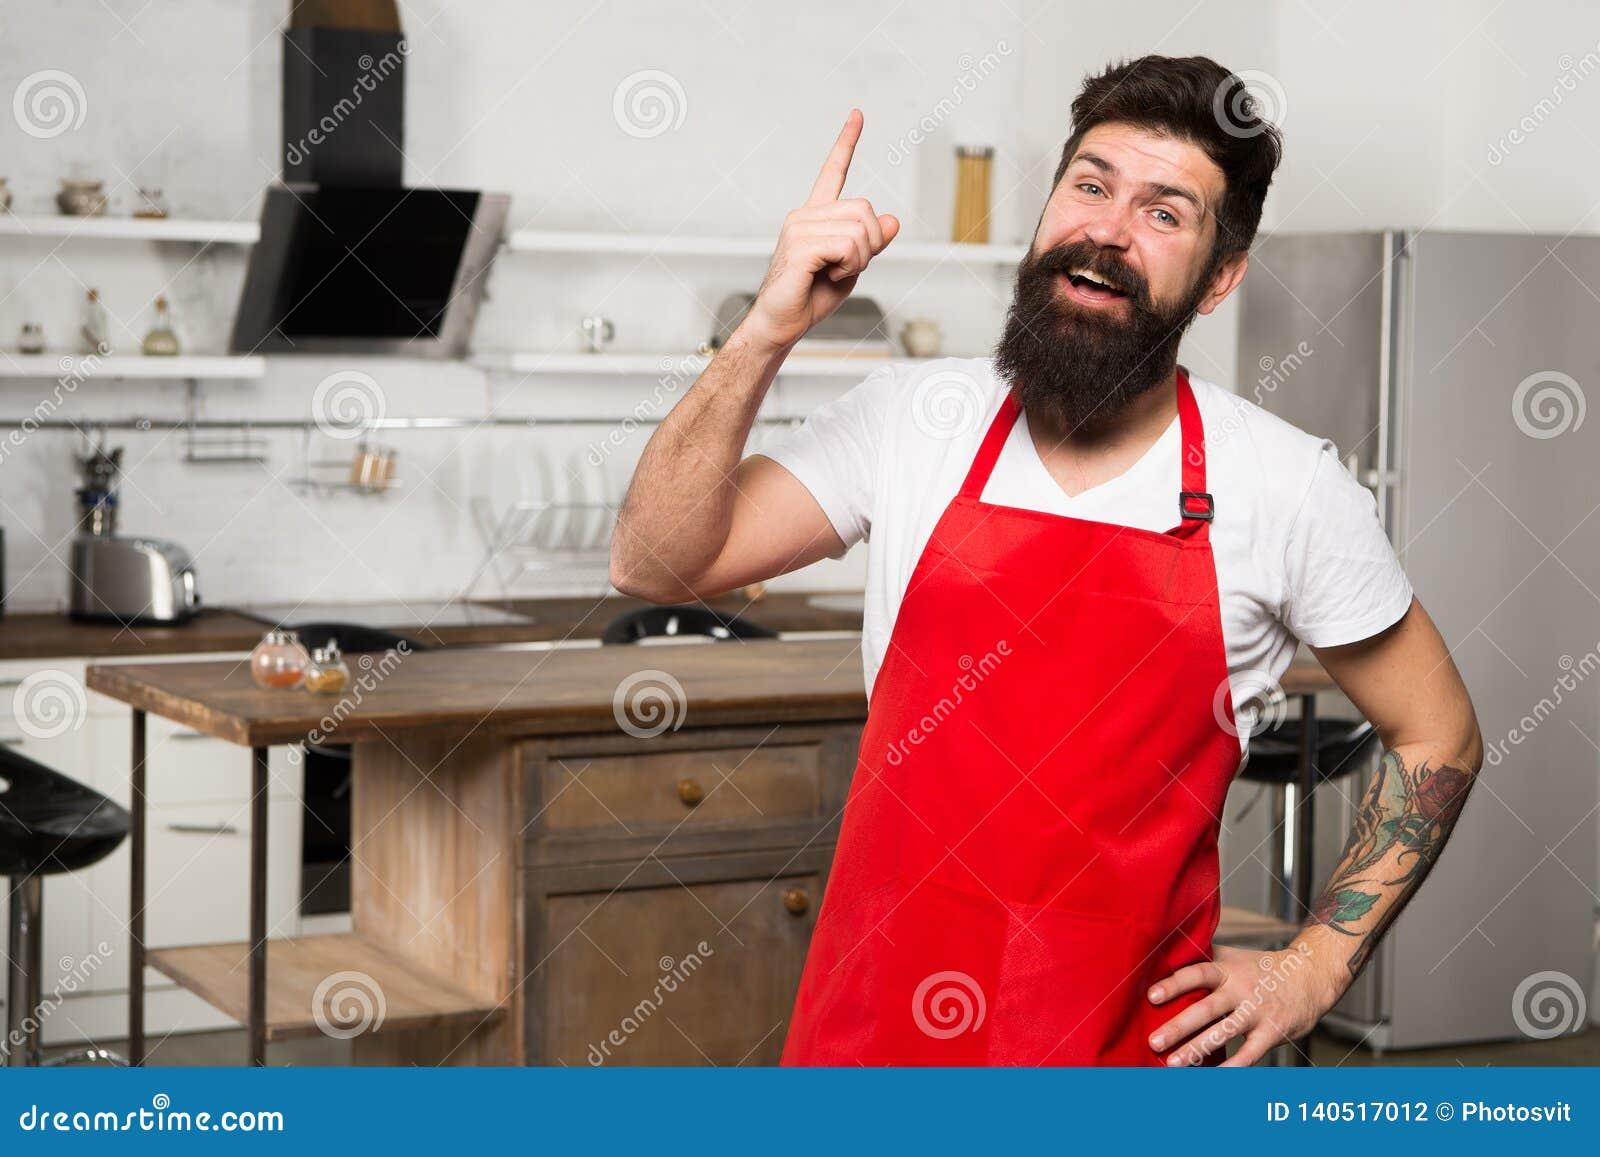 Μαγειρική έμπνευση ανάγκης Πώς να μετατρέψει να μαγειρεψει στο σπίτι σε συνήθεια Ατόμων γενειοφόρος στάση ποδιών hipster κόκκινη